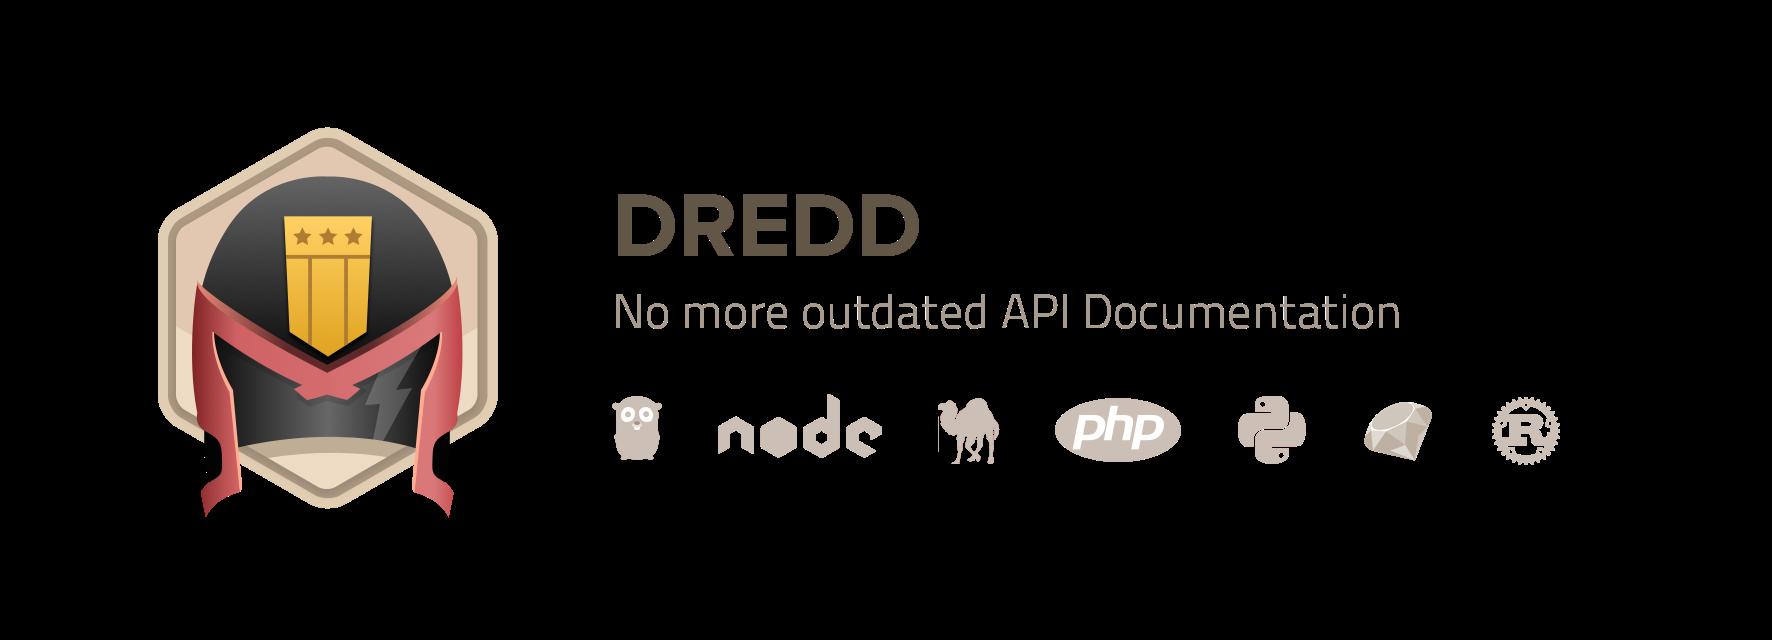 Dredd - HTTP API Testing Framework